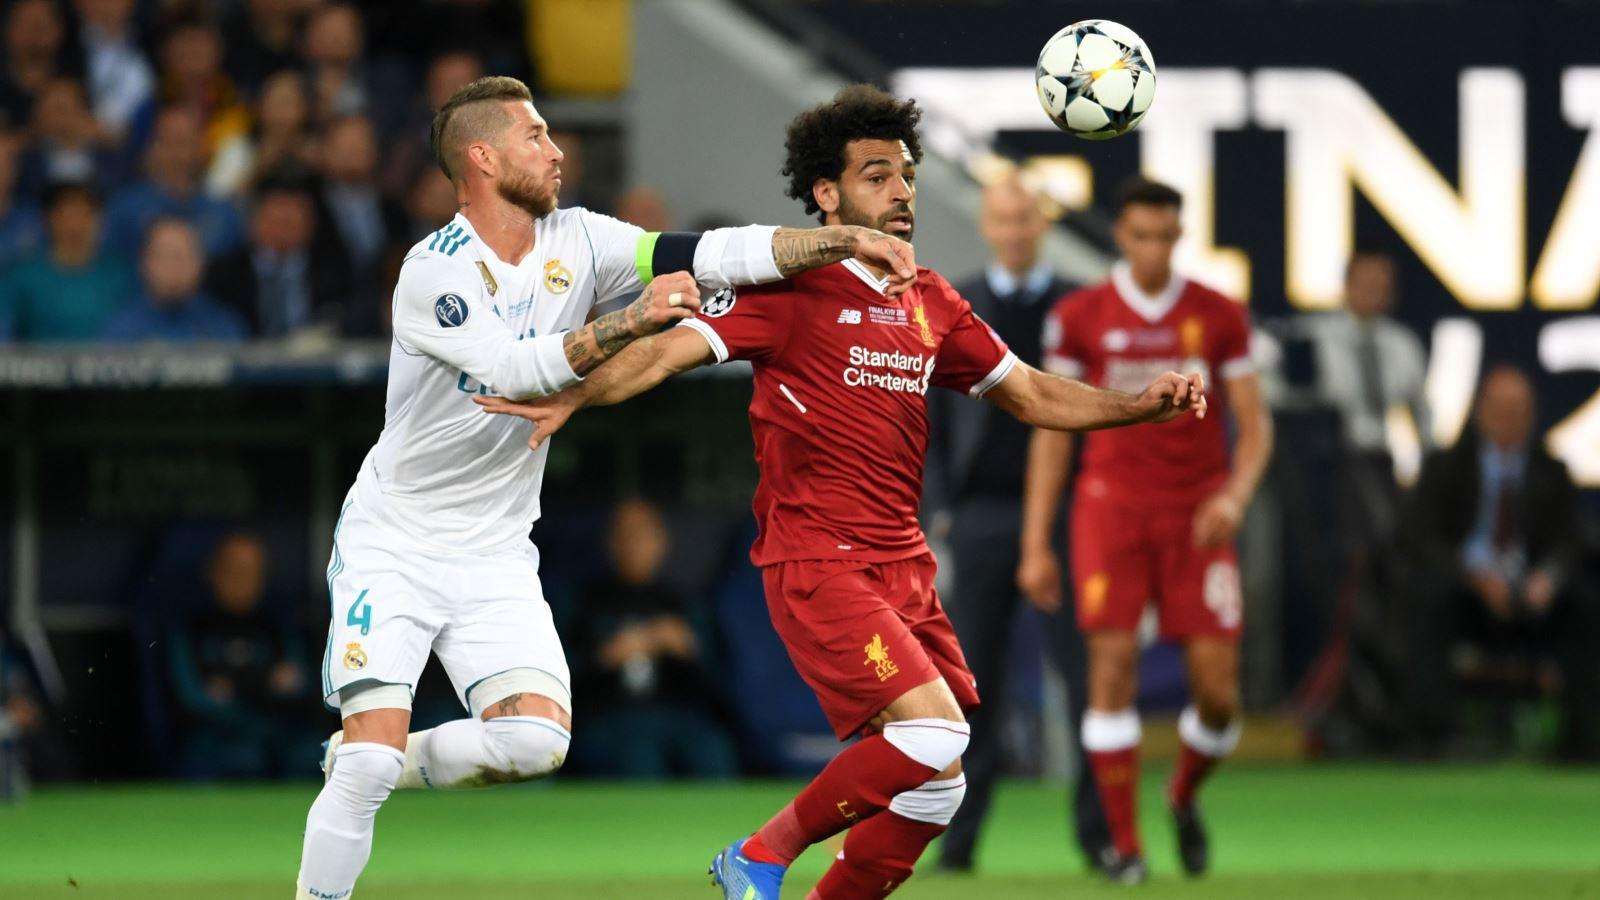 Trực tiếp bóng đá cúp C1: Real Madrid vs Liverpool (02h00, 7/4)